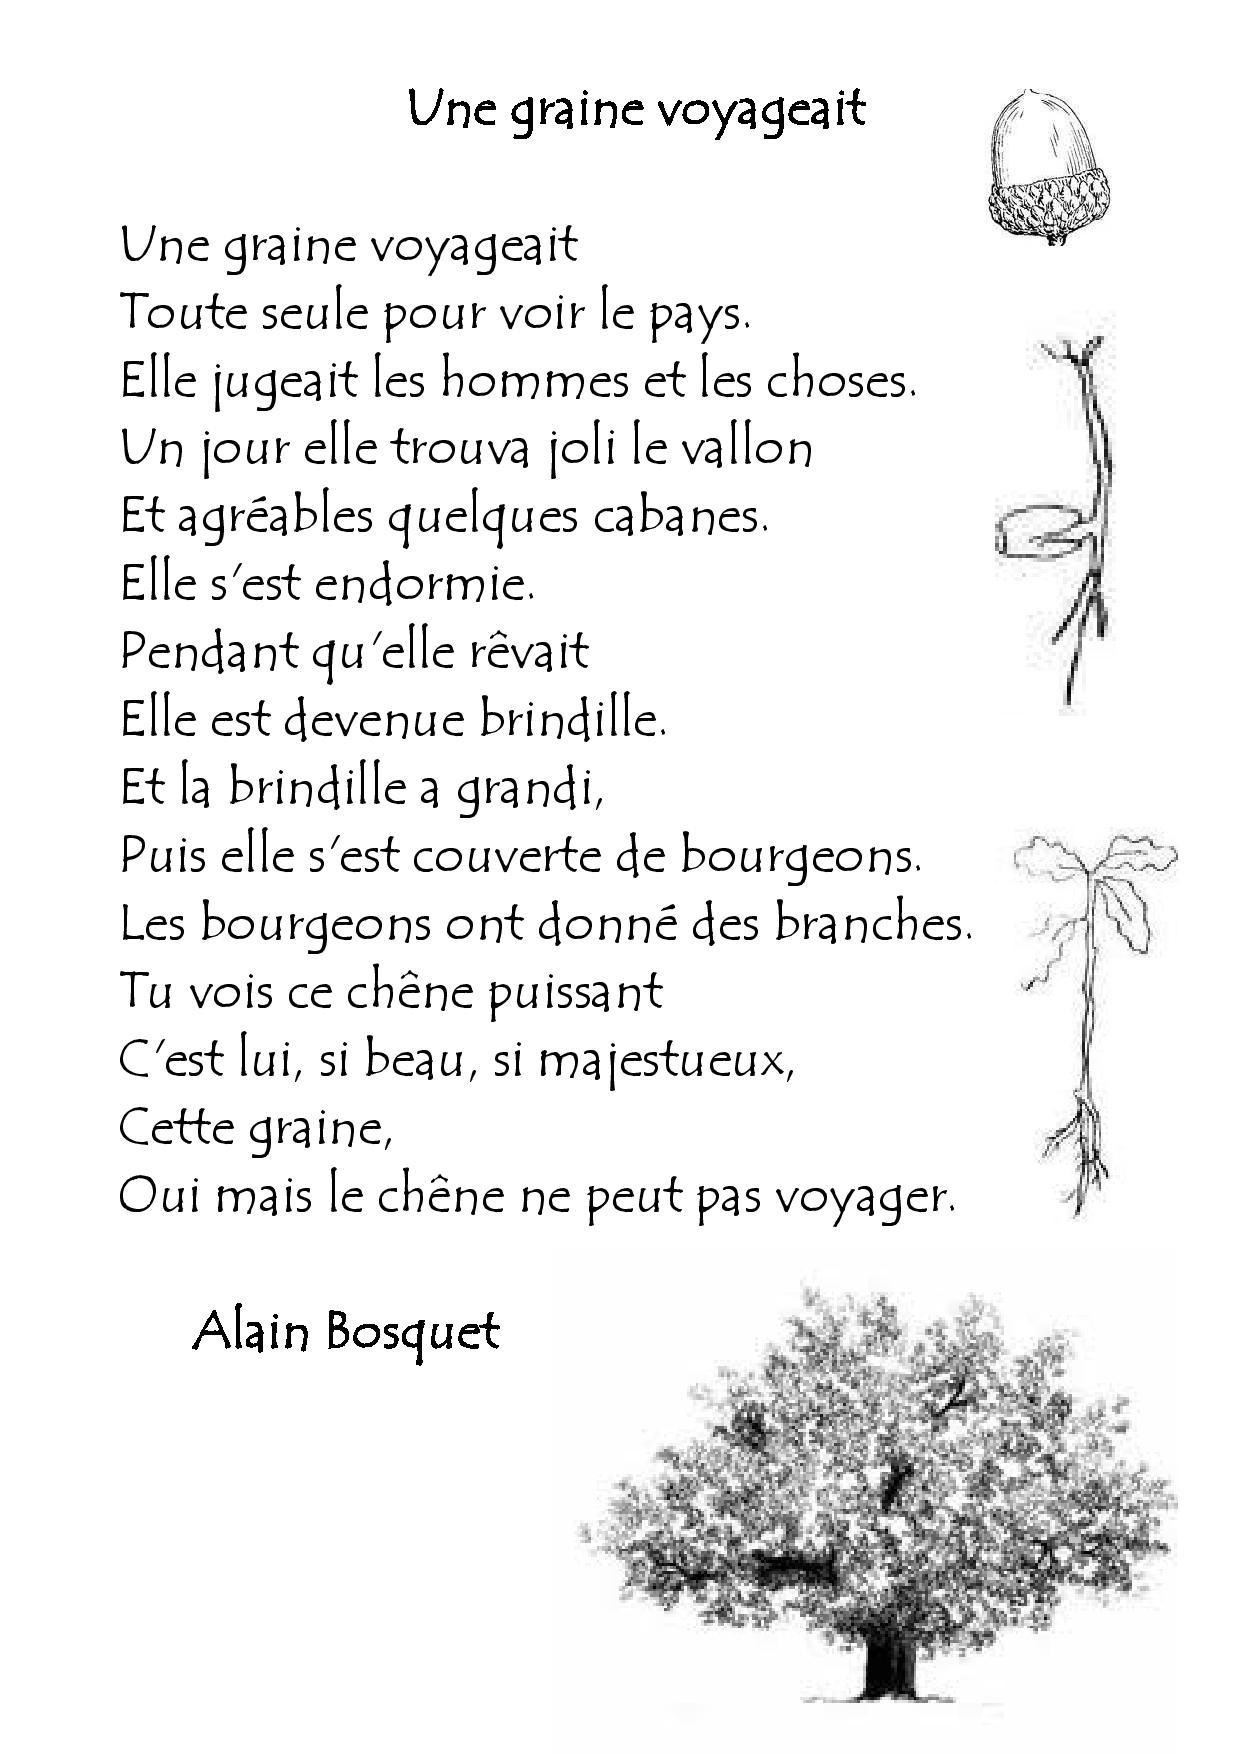 poesie une graine voyageait